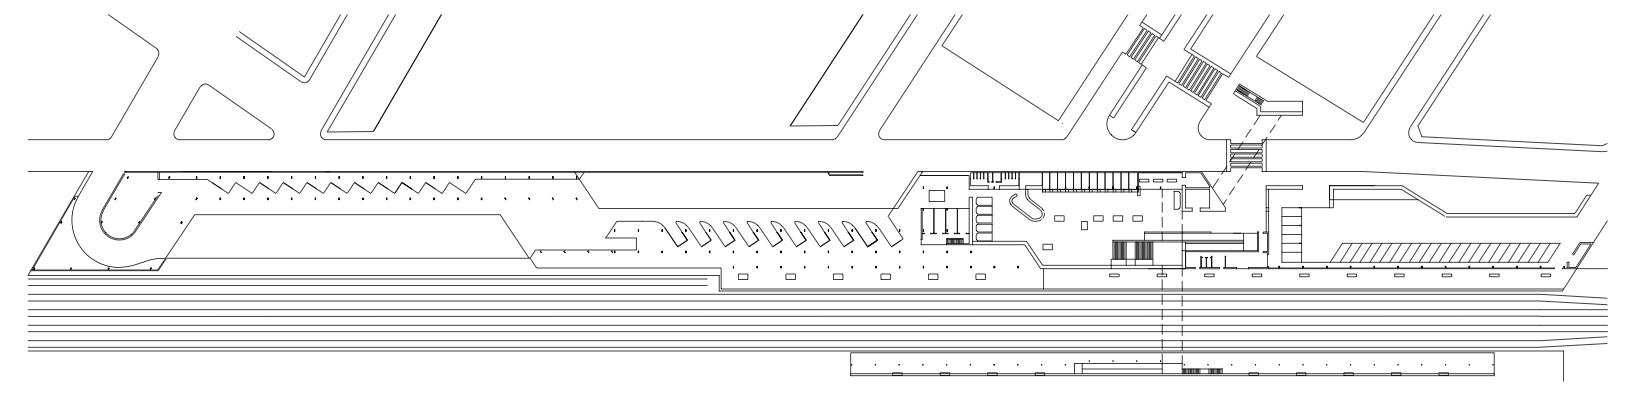 Concurso para un intercambiador de transportes   Imagen de proyecto5